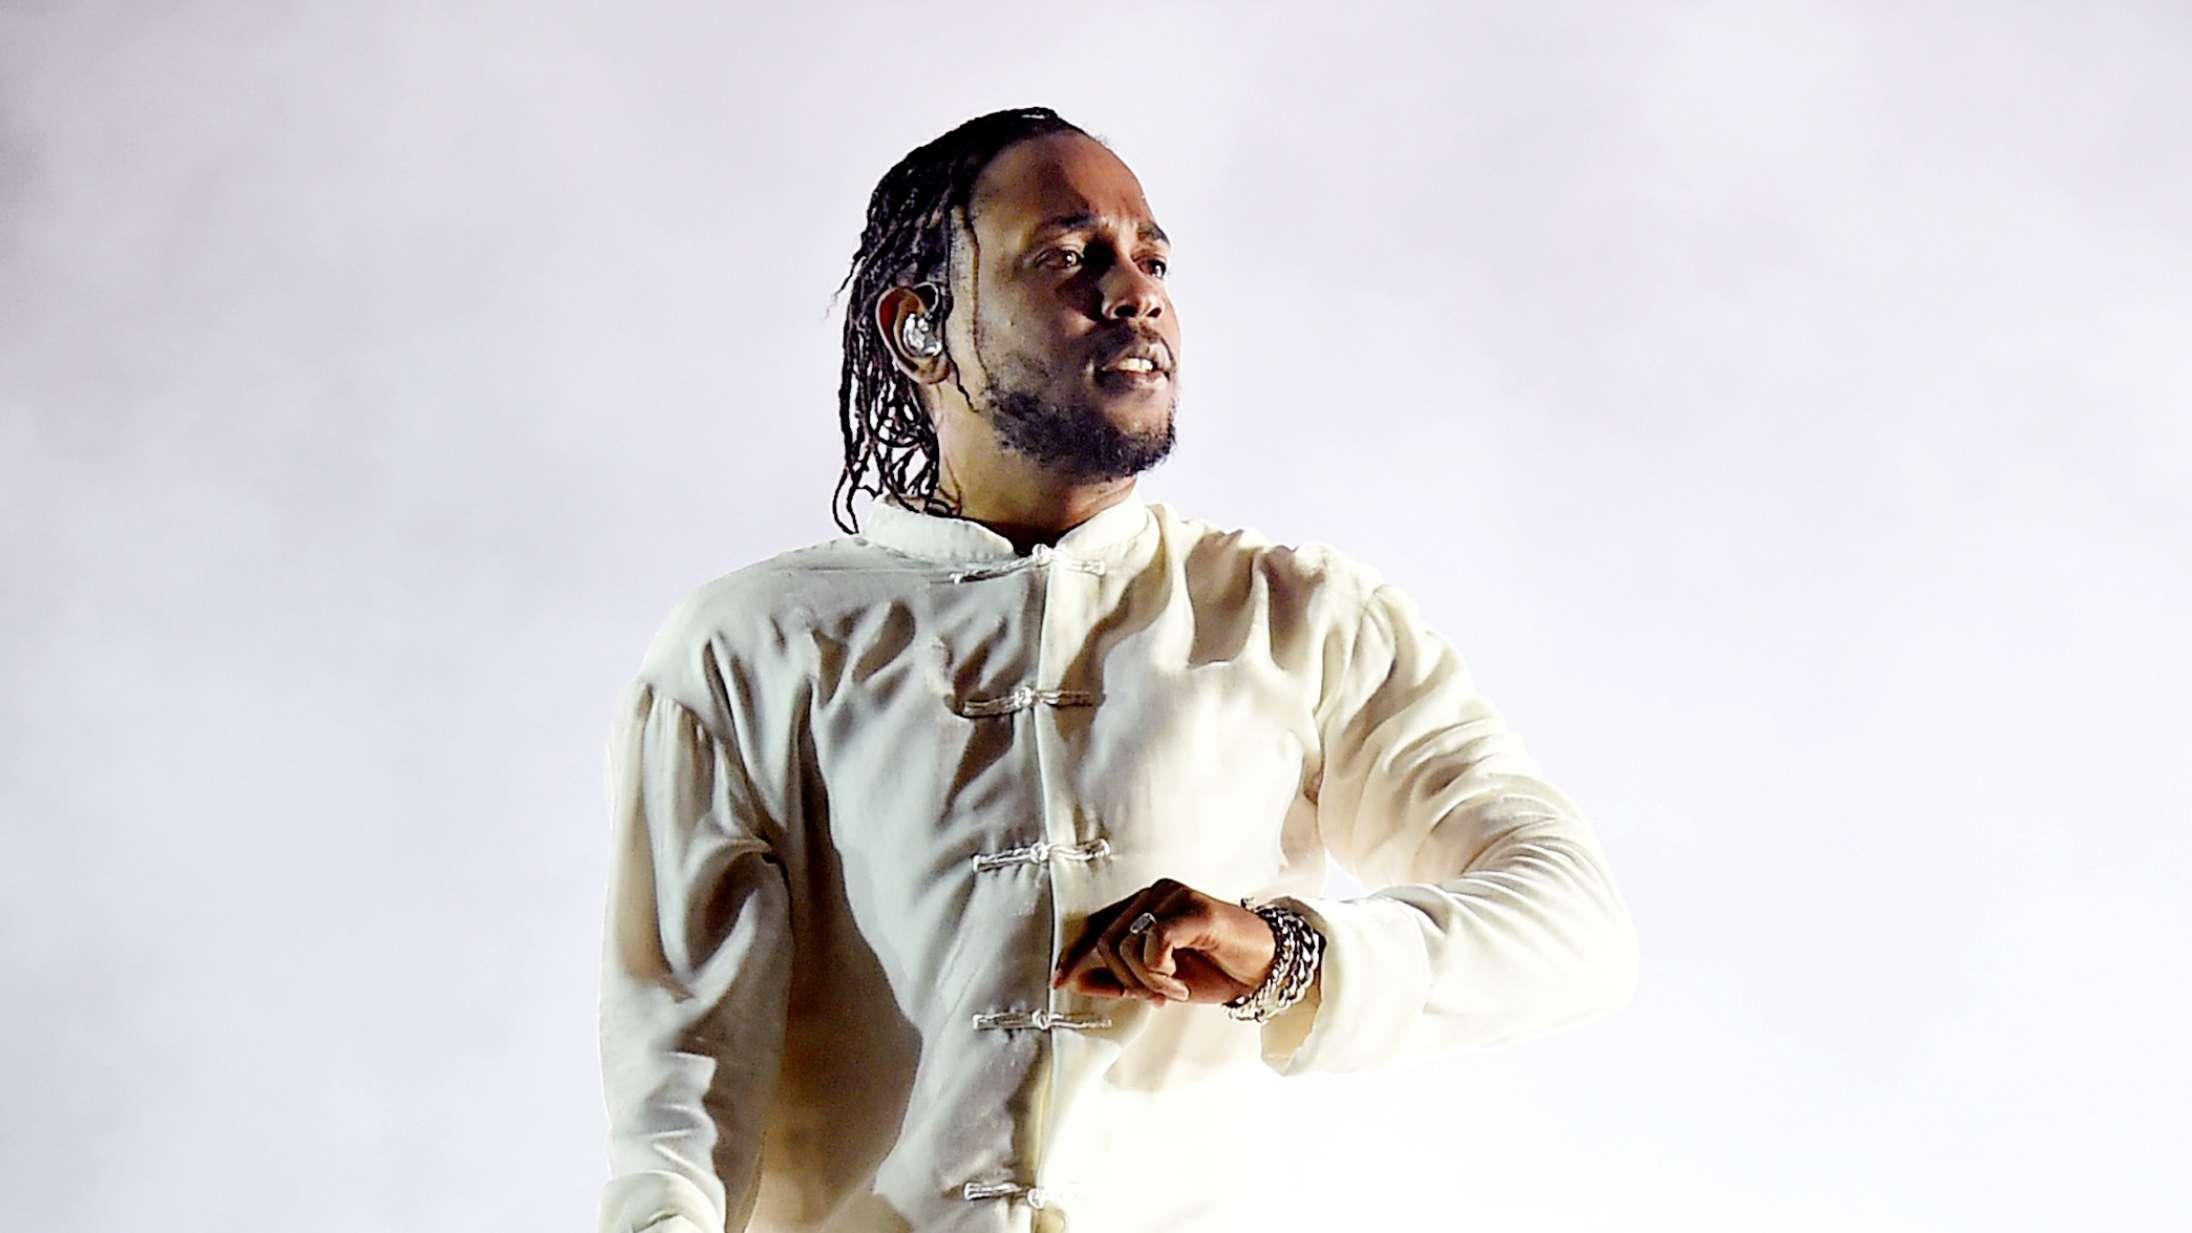 Svensk festival annoncerer fuldt 2021-lineup – Kendrick Lamar og Post Malone (måske) i Europa til sommer